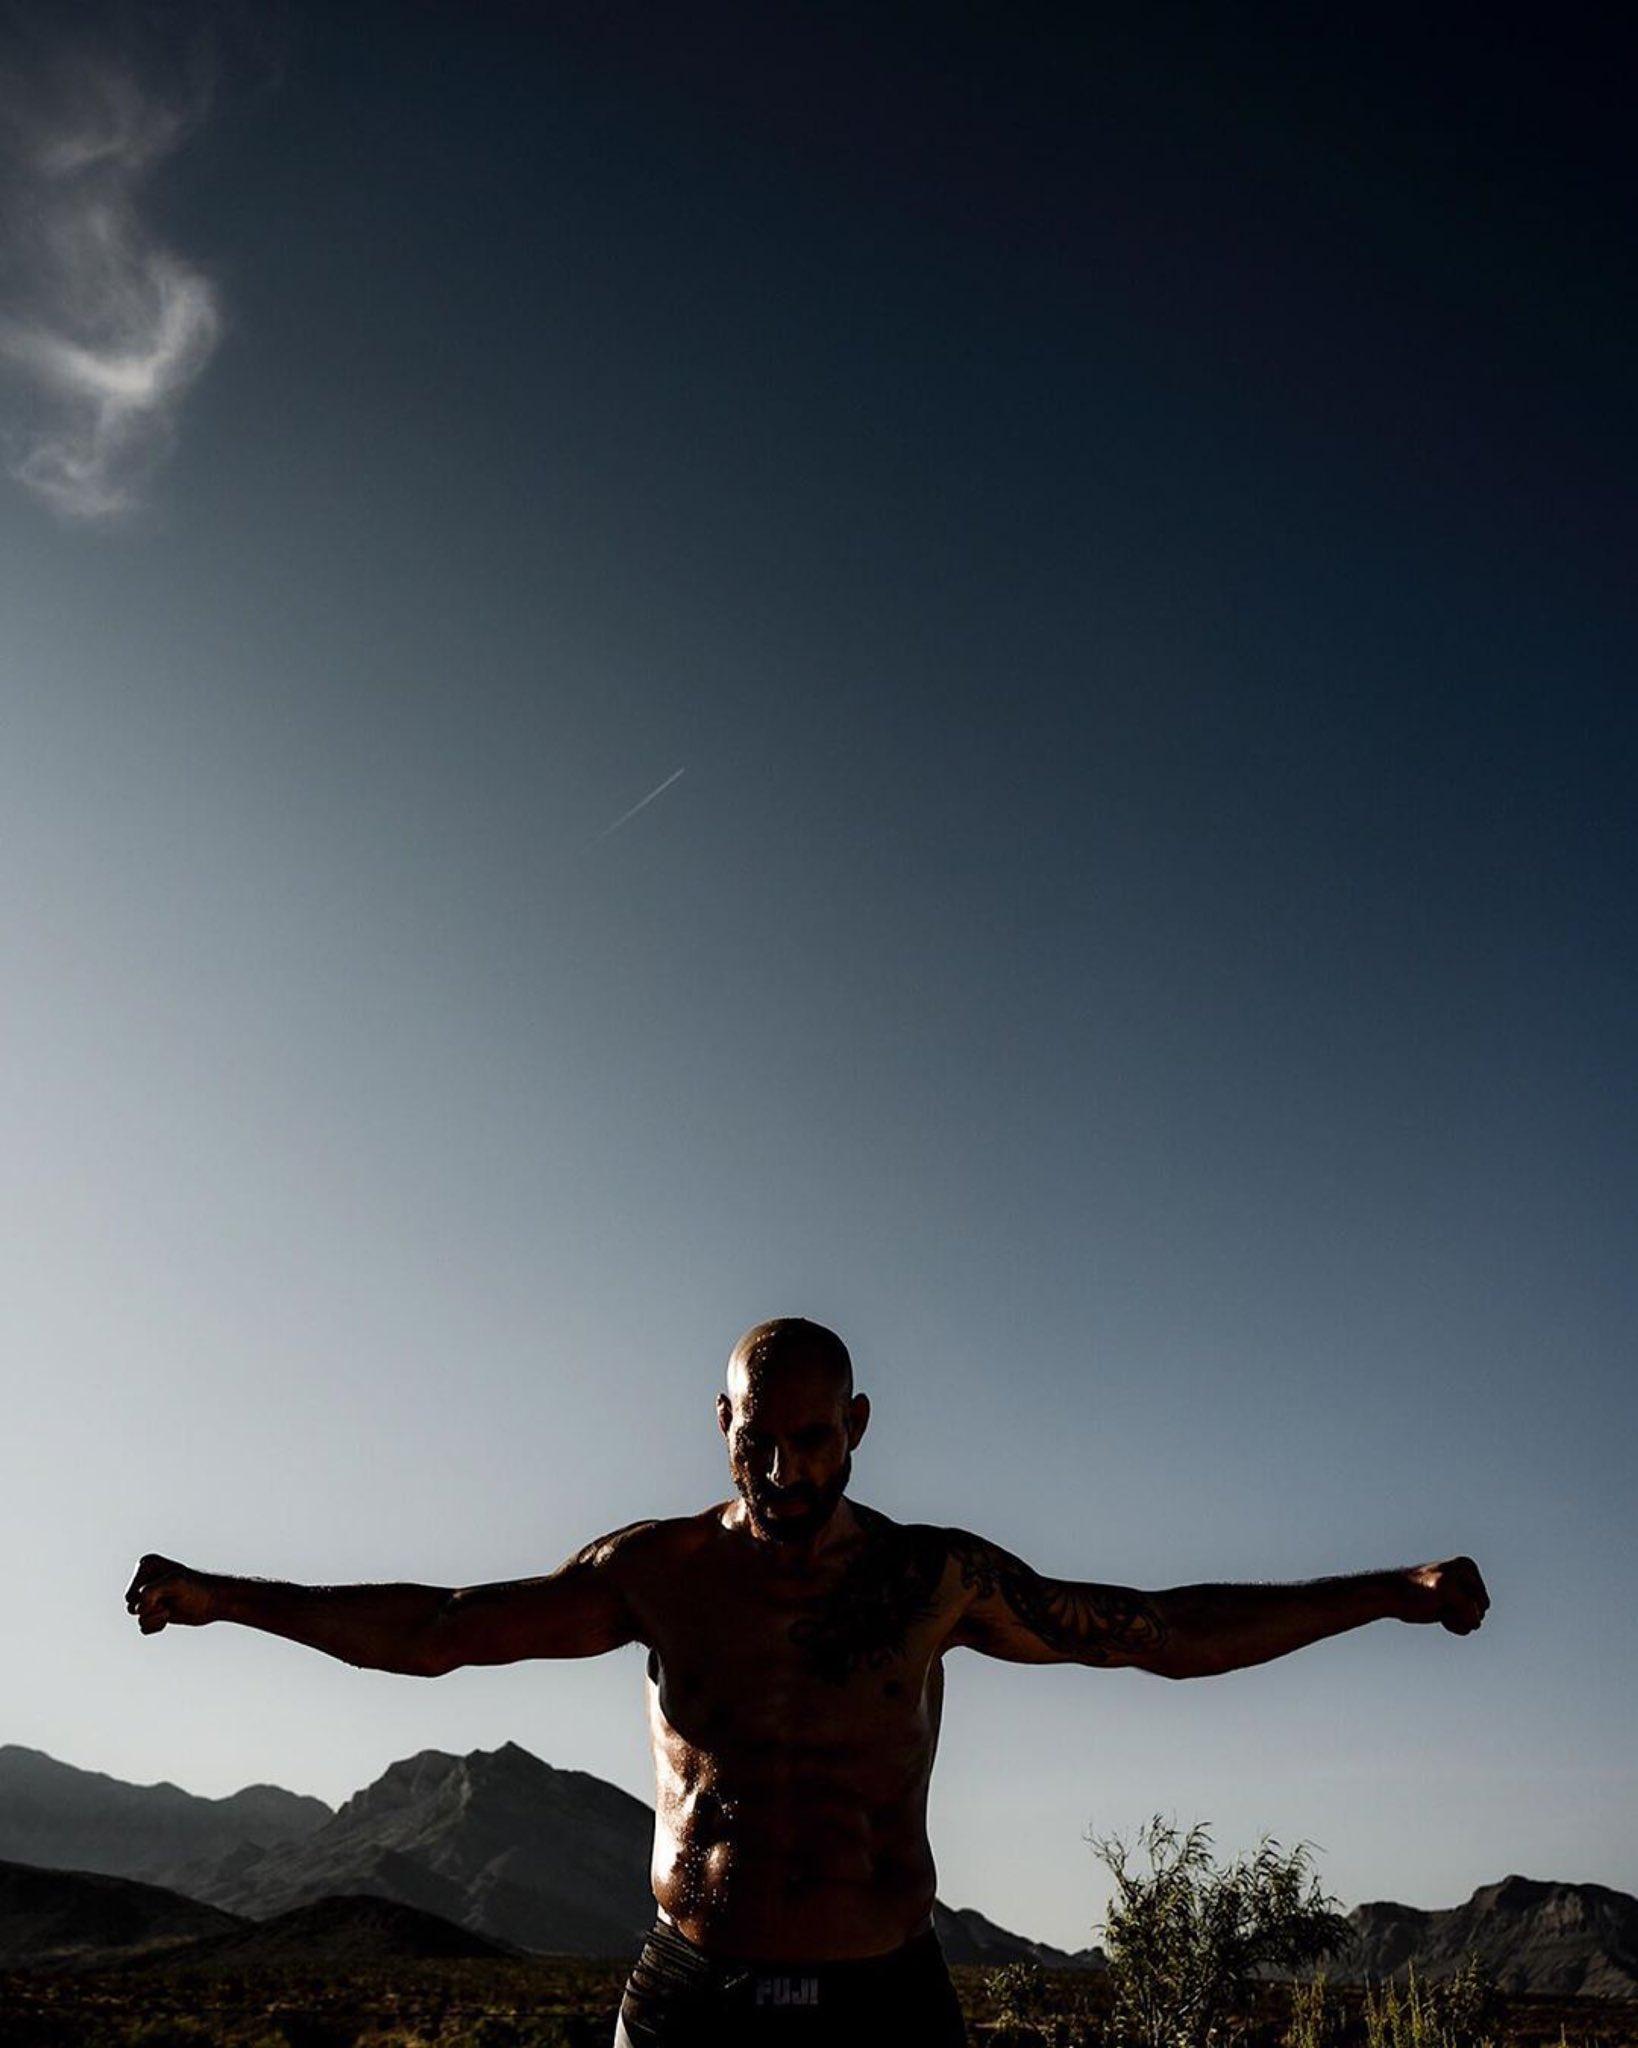 #Samurai  #Repost @ericcoleman ・・・ // @bensaundersmma // @ufc // #UFC #MMA #MartialArts https://t.co/ZvhlR8Zu3p